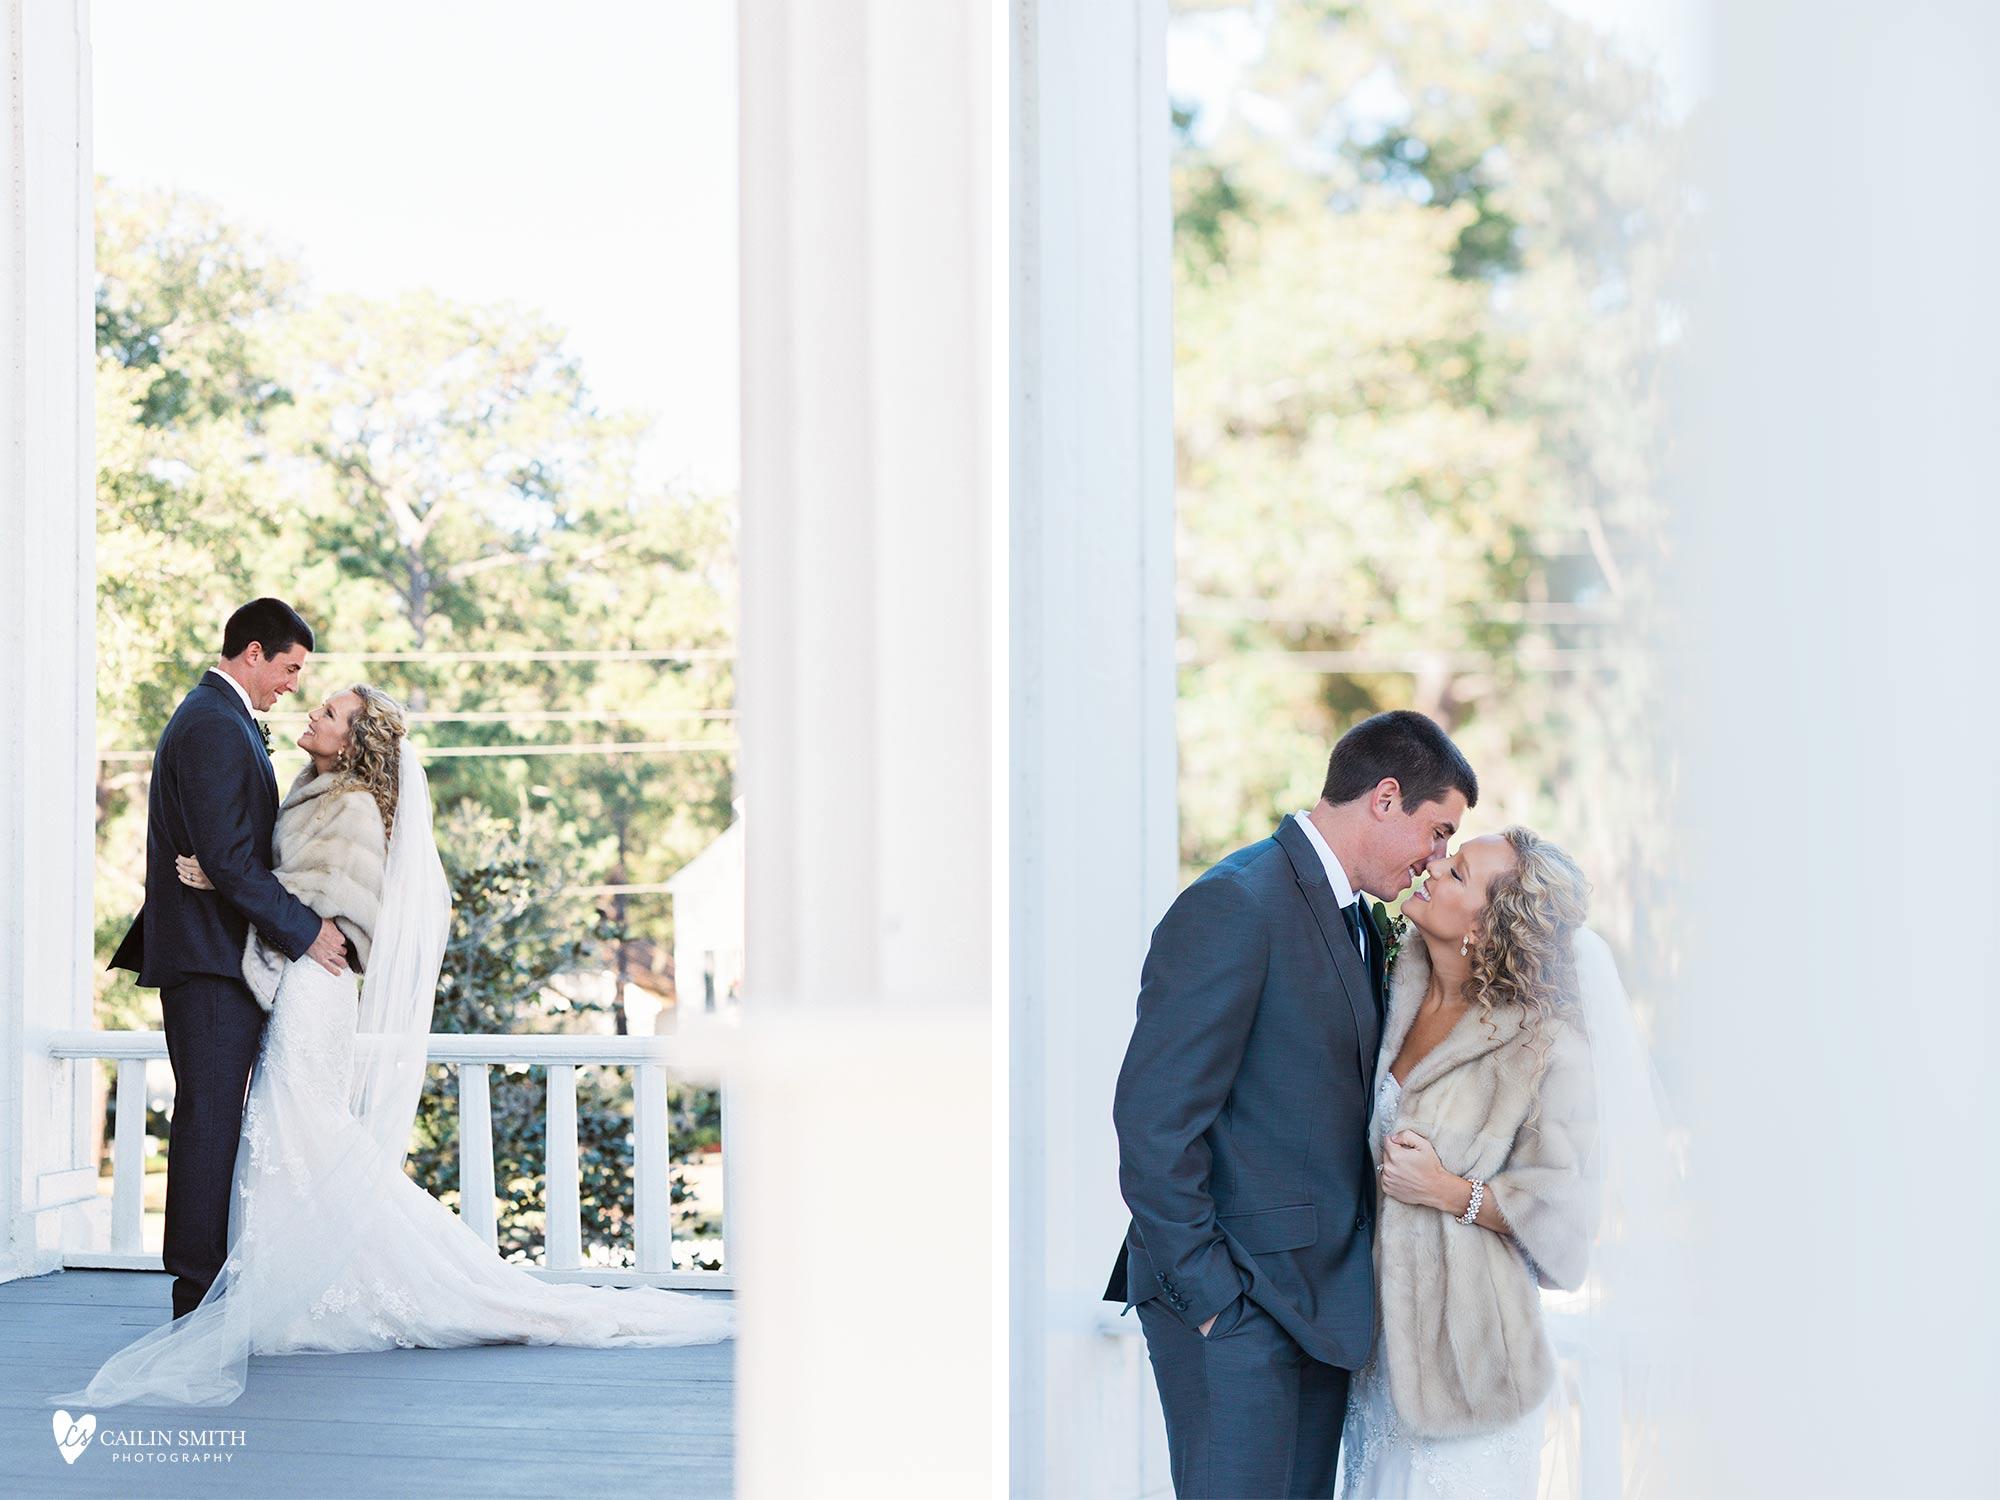 Leah_Major_St_Marys_Wedding_Photography_059.jpg